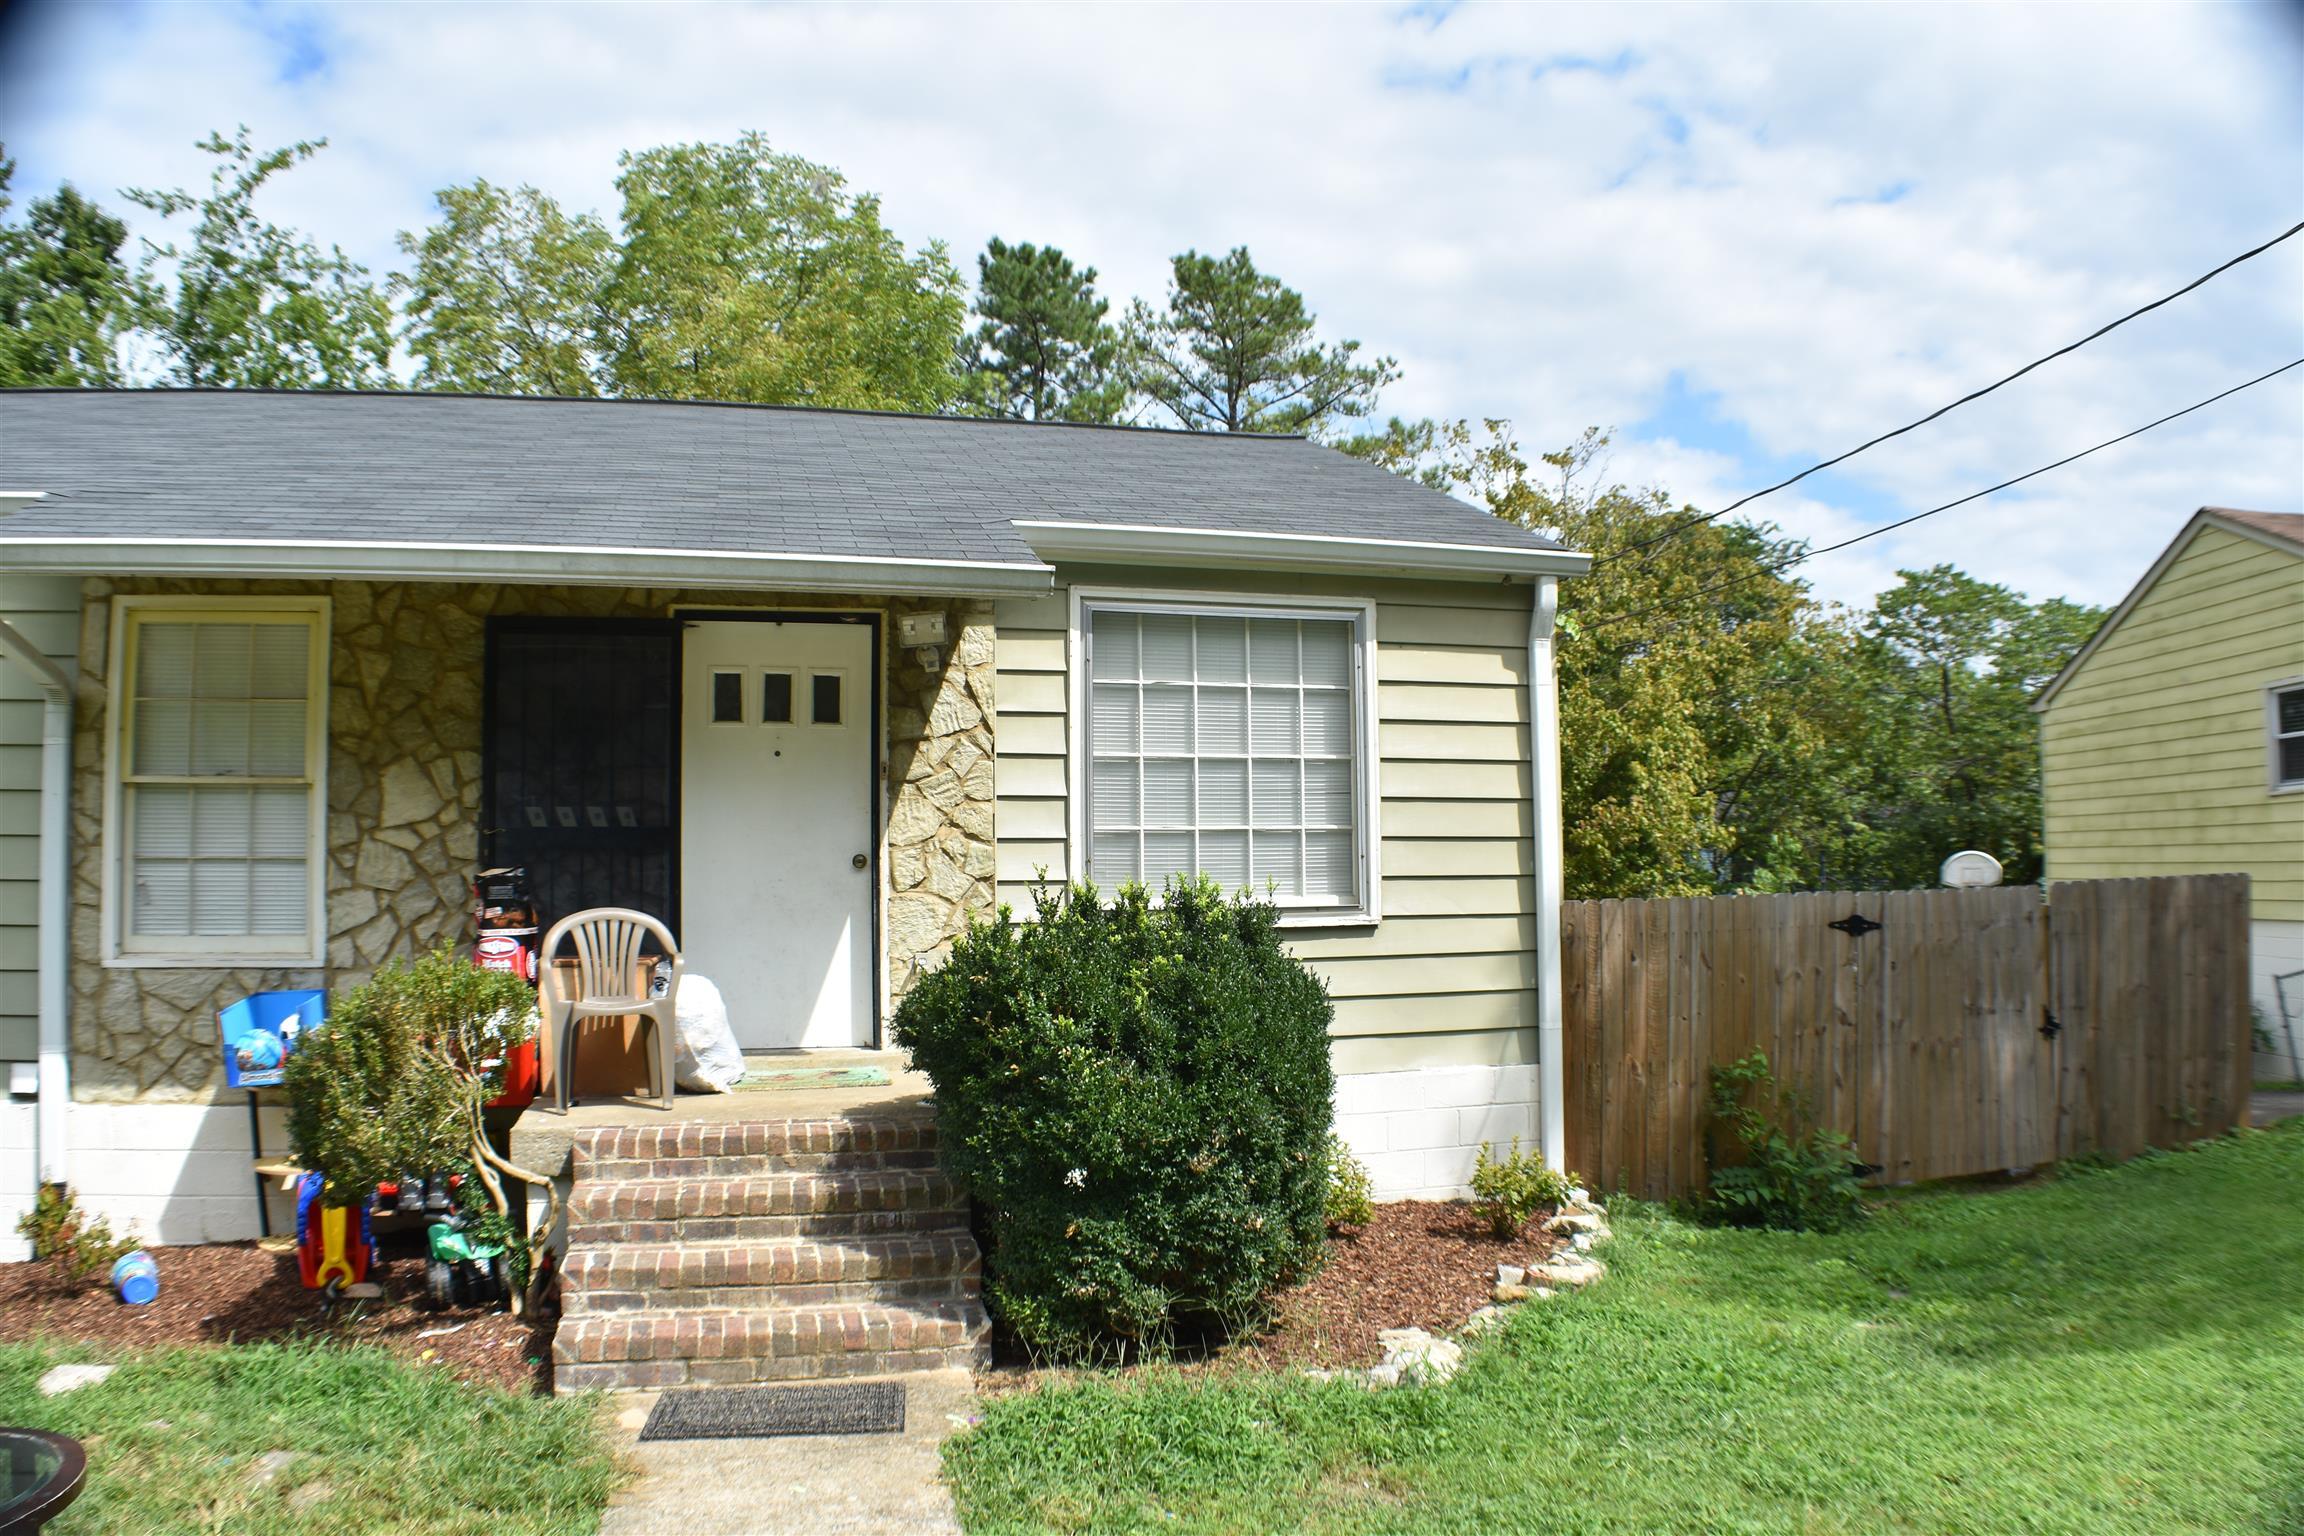 4720 Arapaho Bnd, Nashville-Antioch, Tennessee